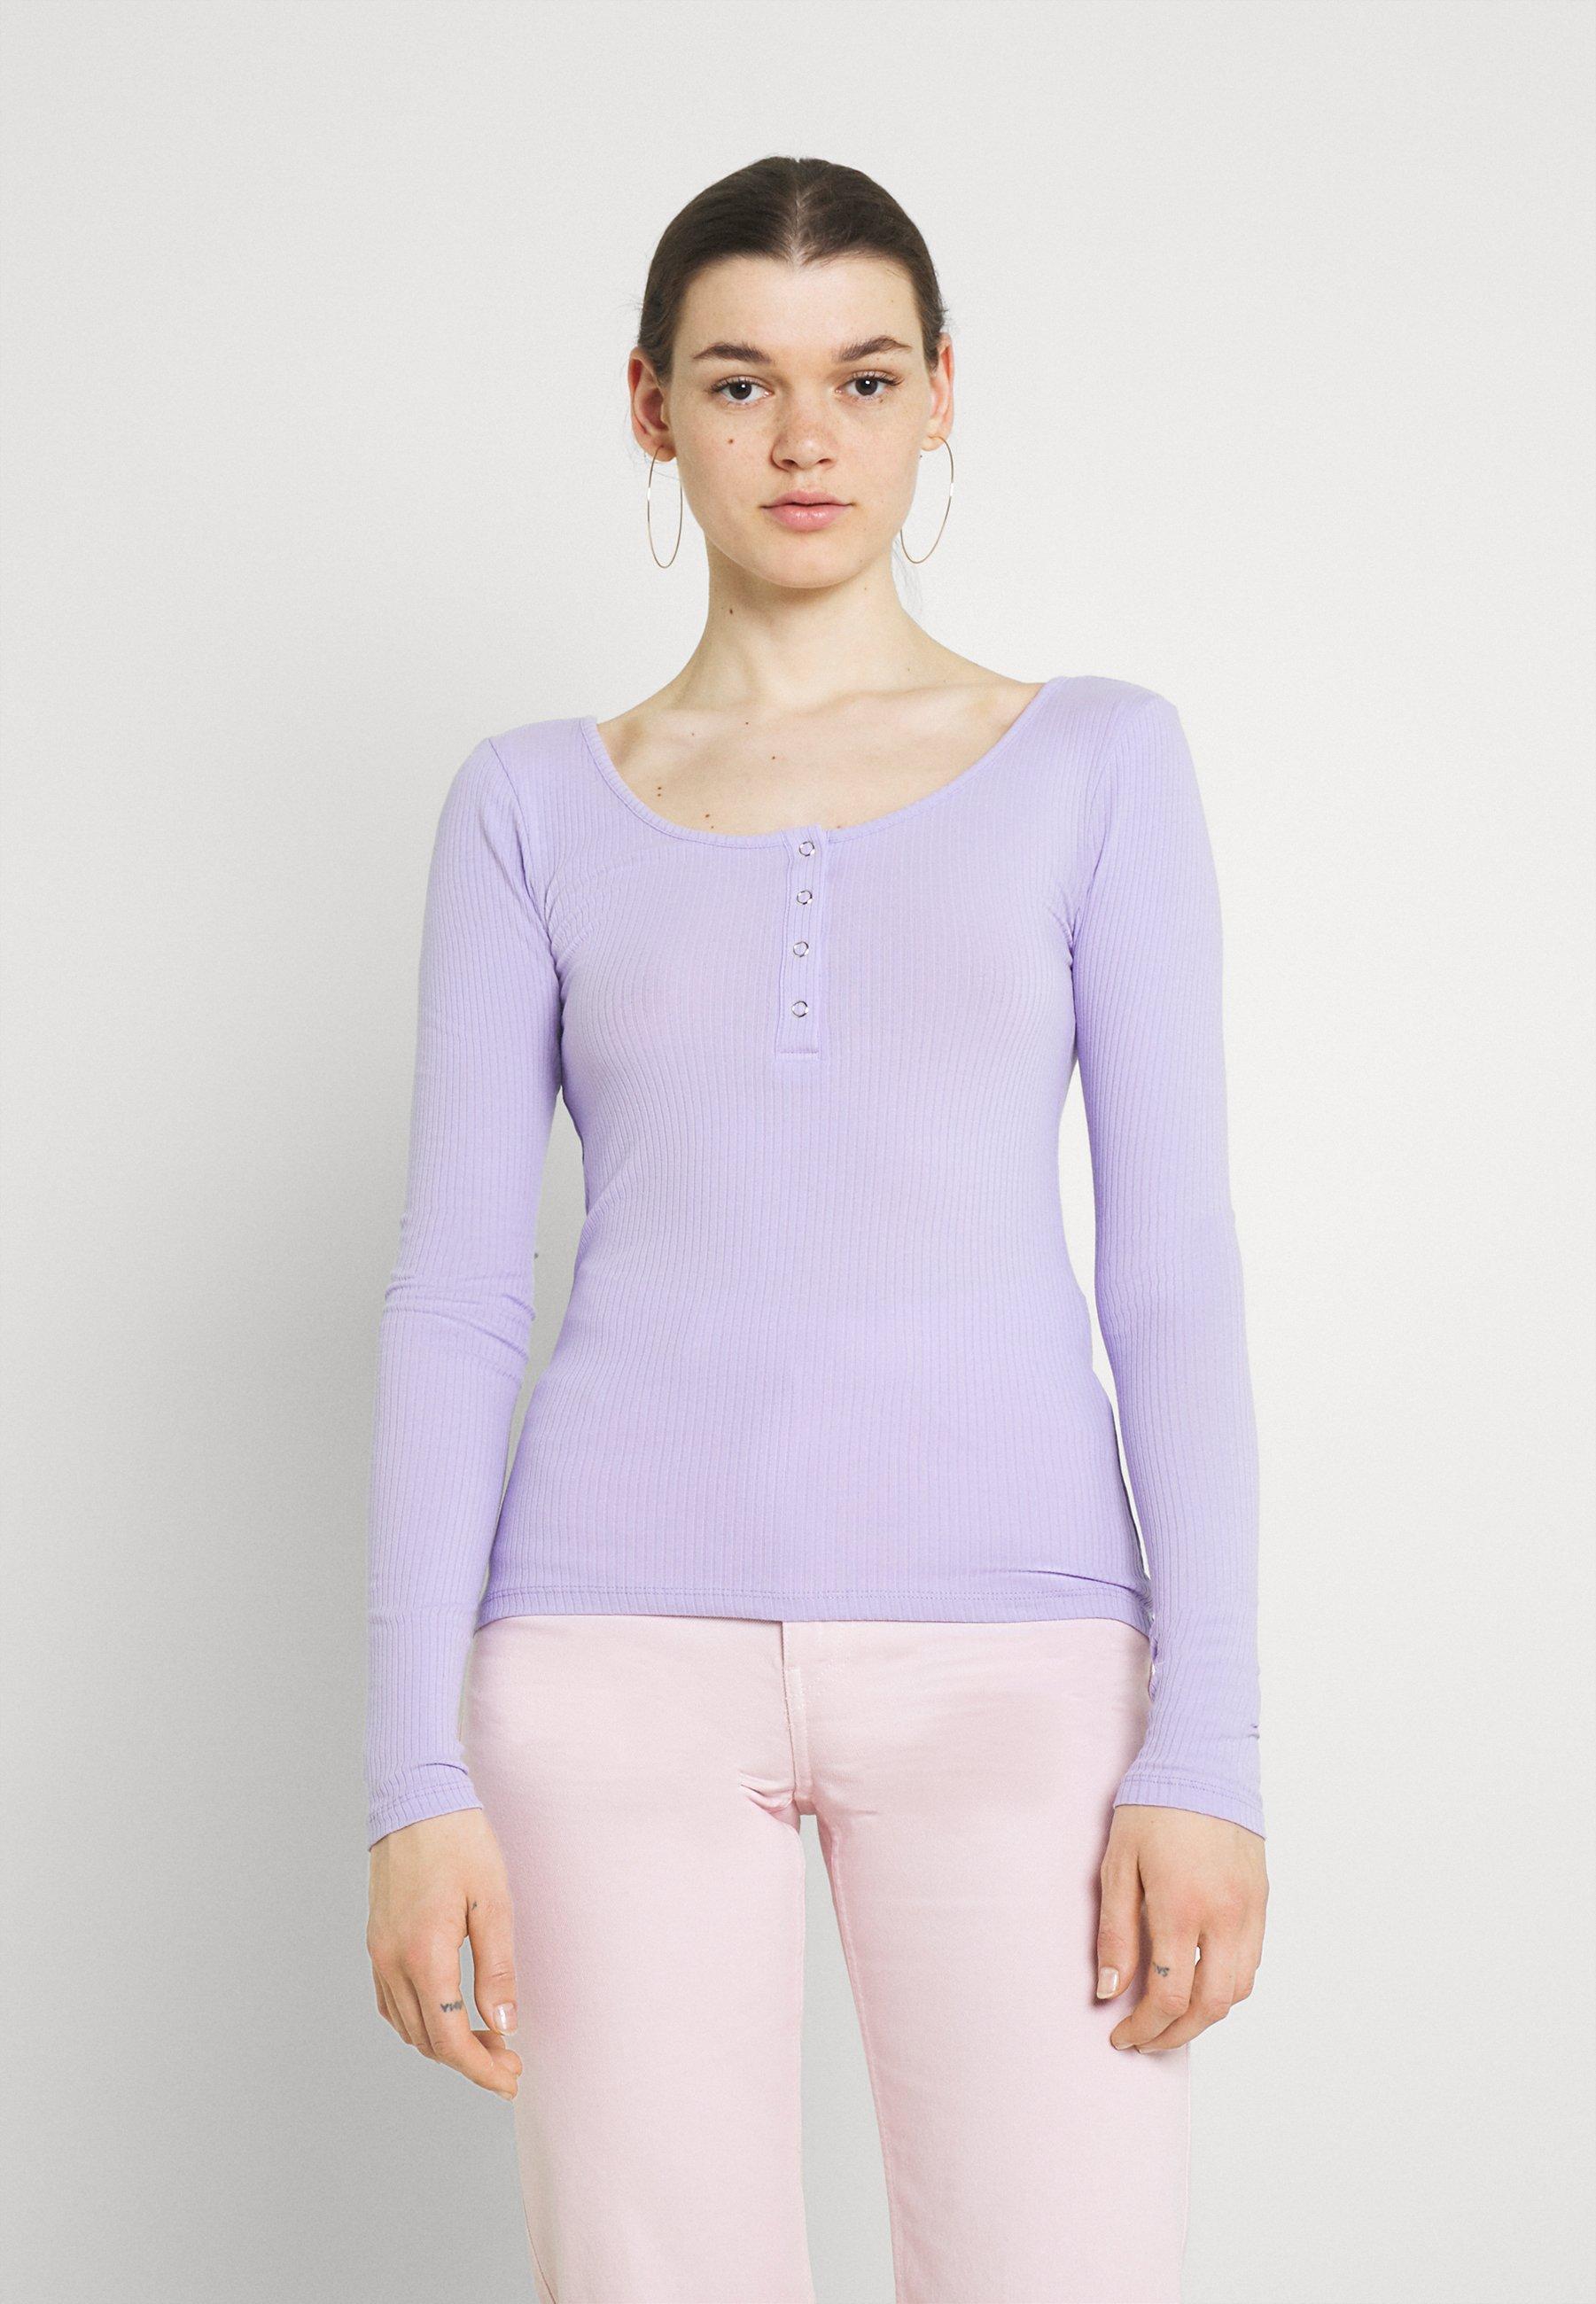 Women PCKITTE - Long sleeved top - lavender